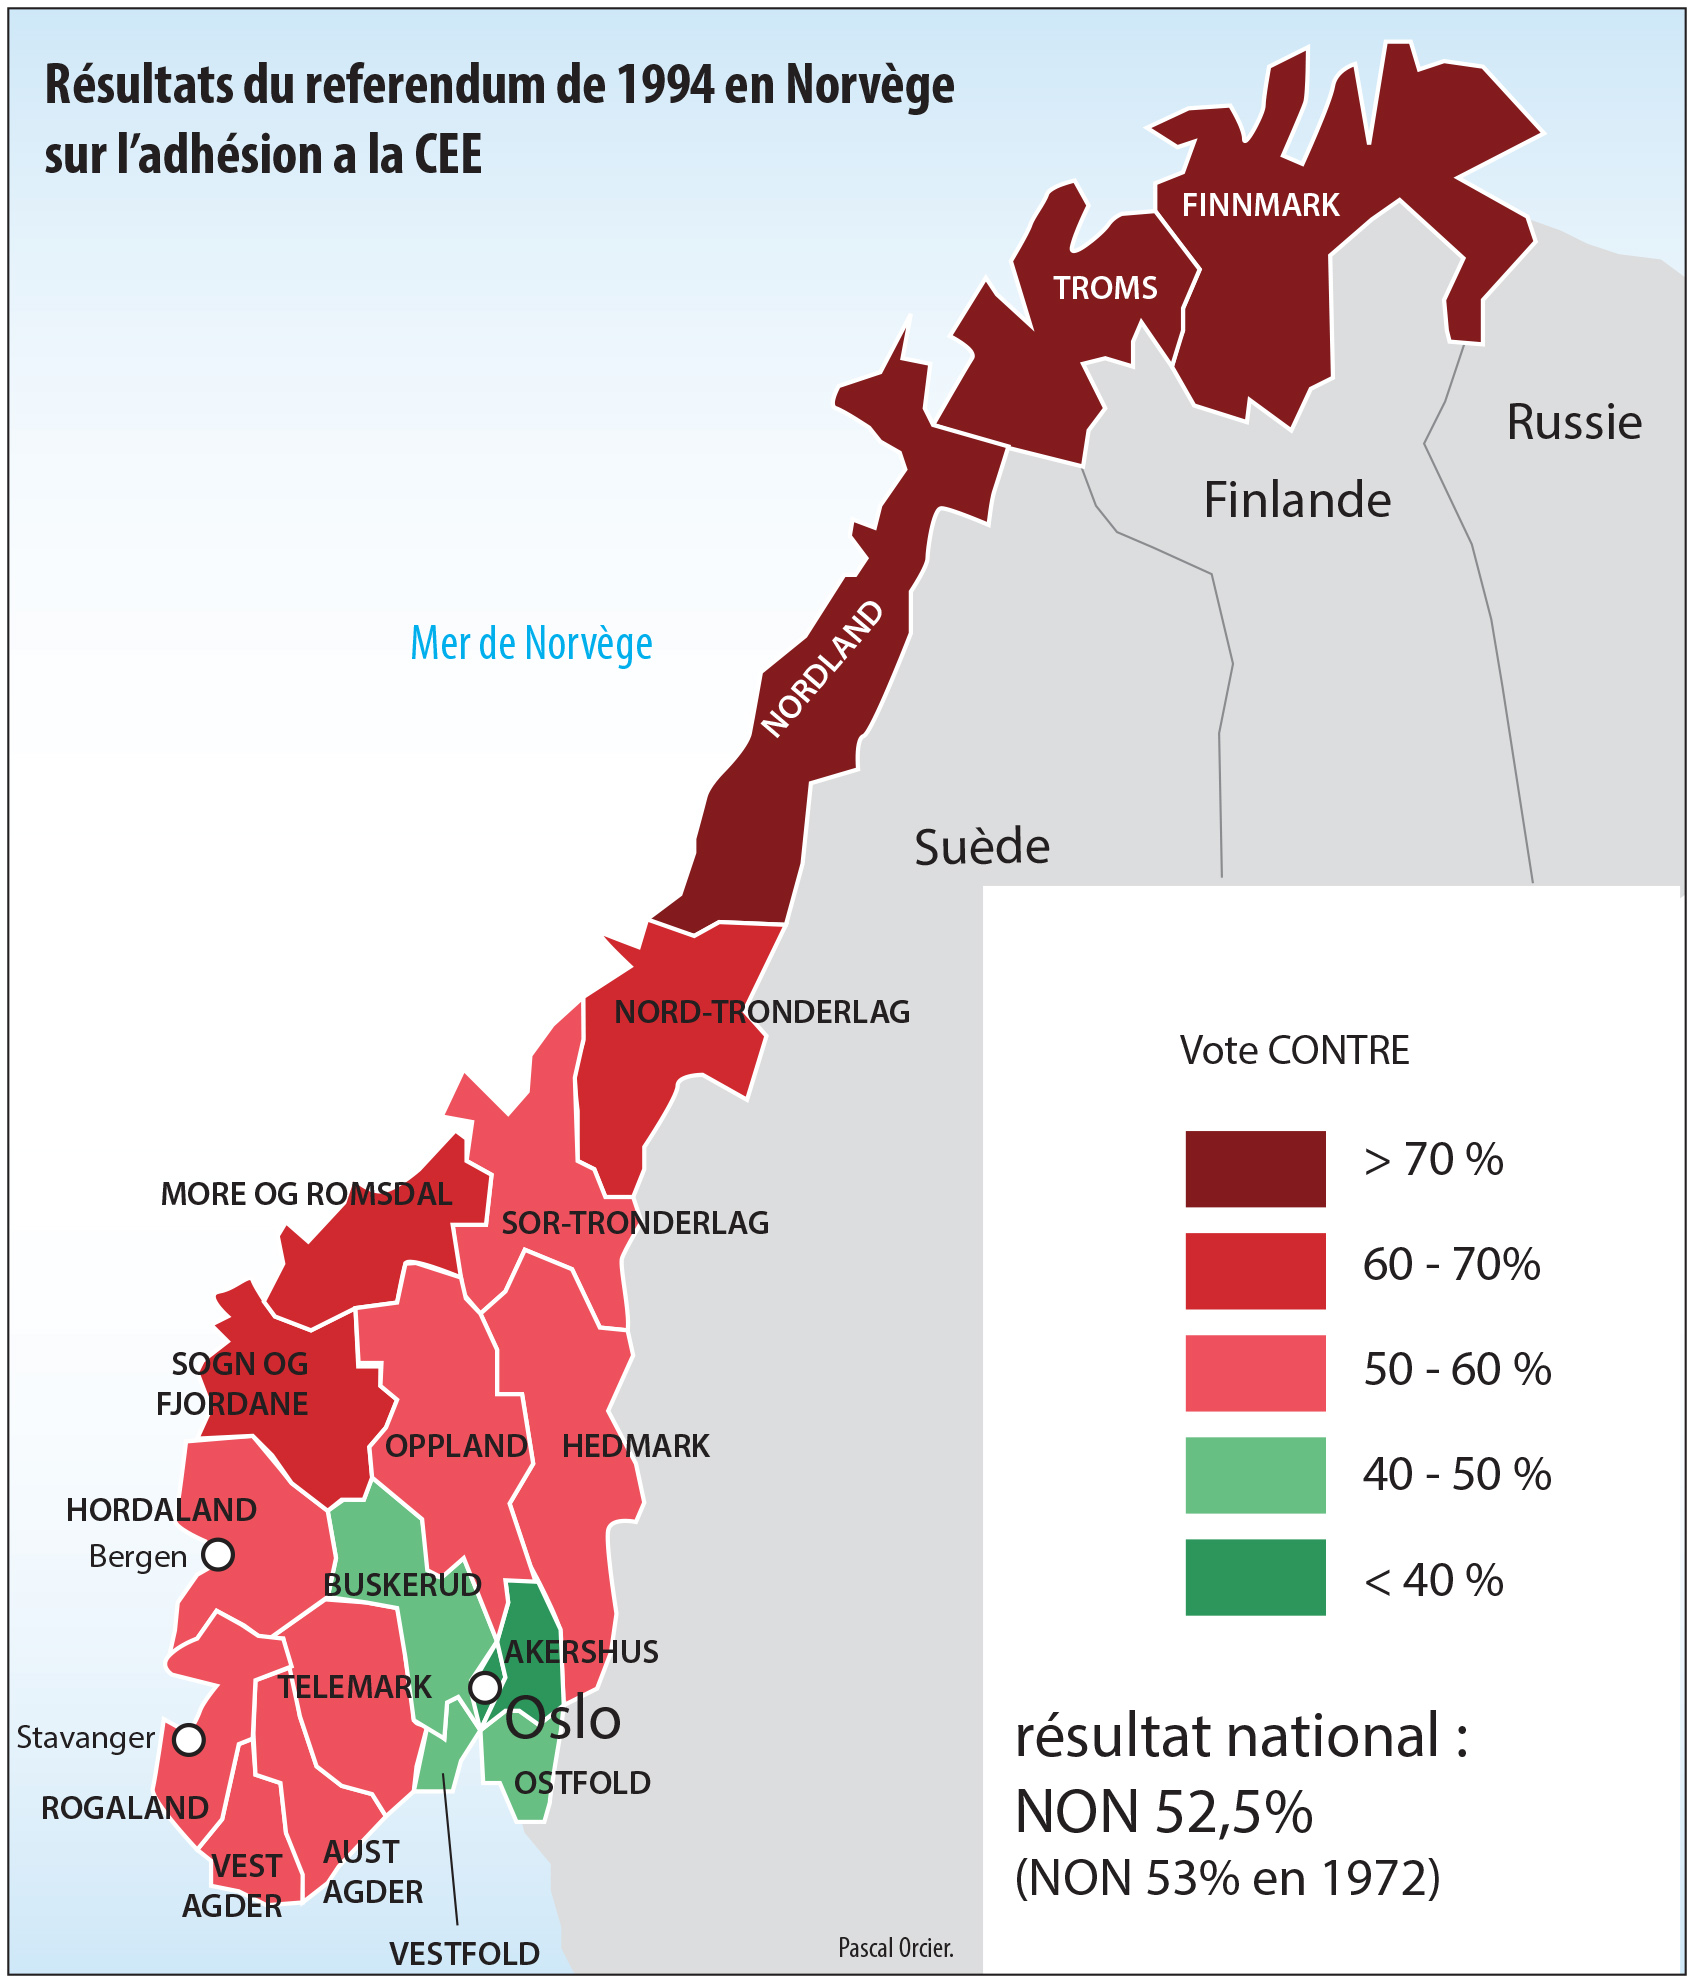 carte des résultats du référendum en Norvège 1994 adhésion CEE